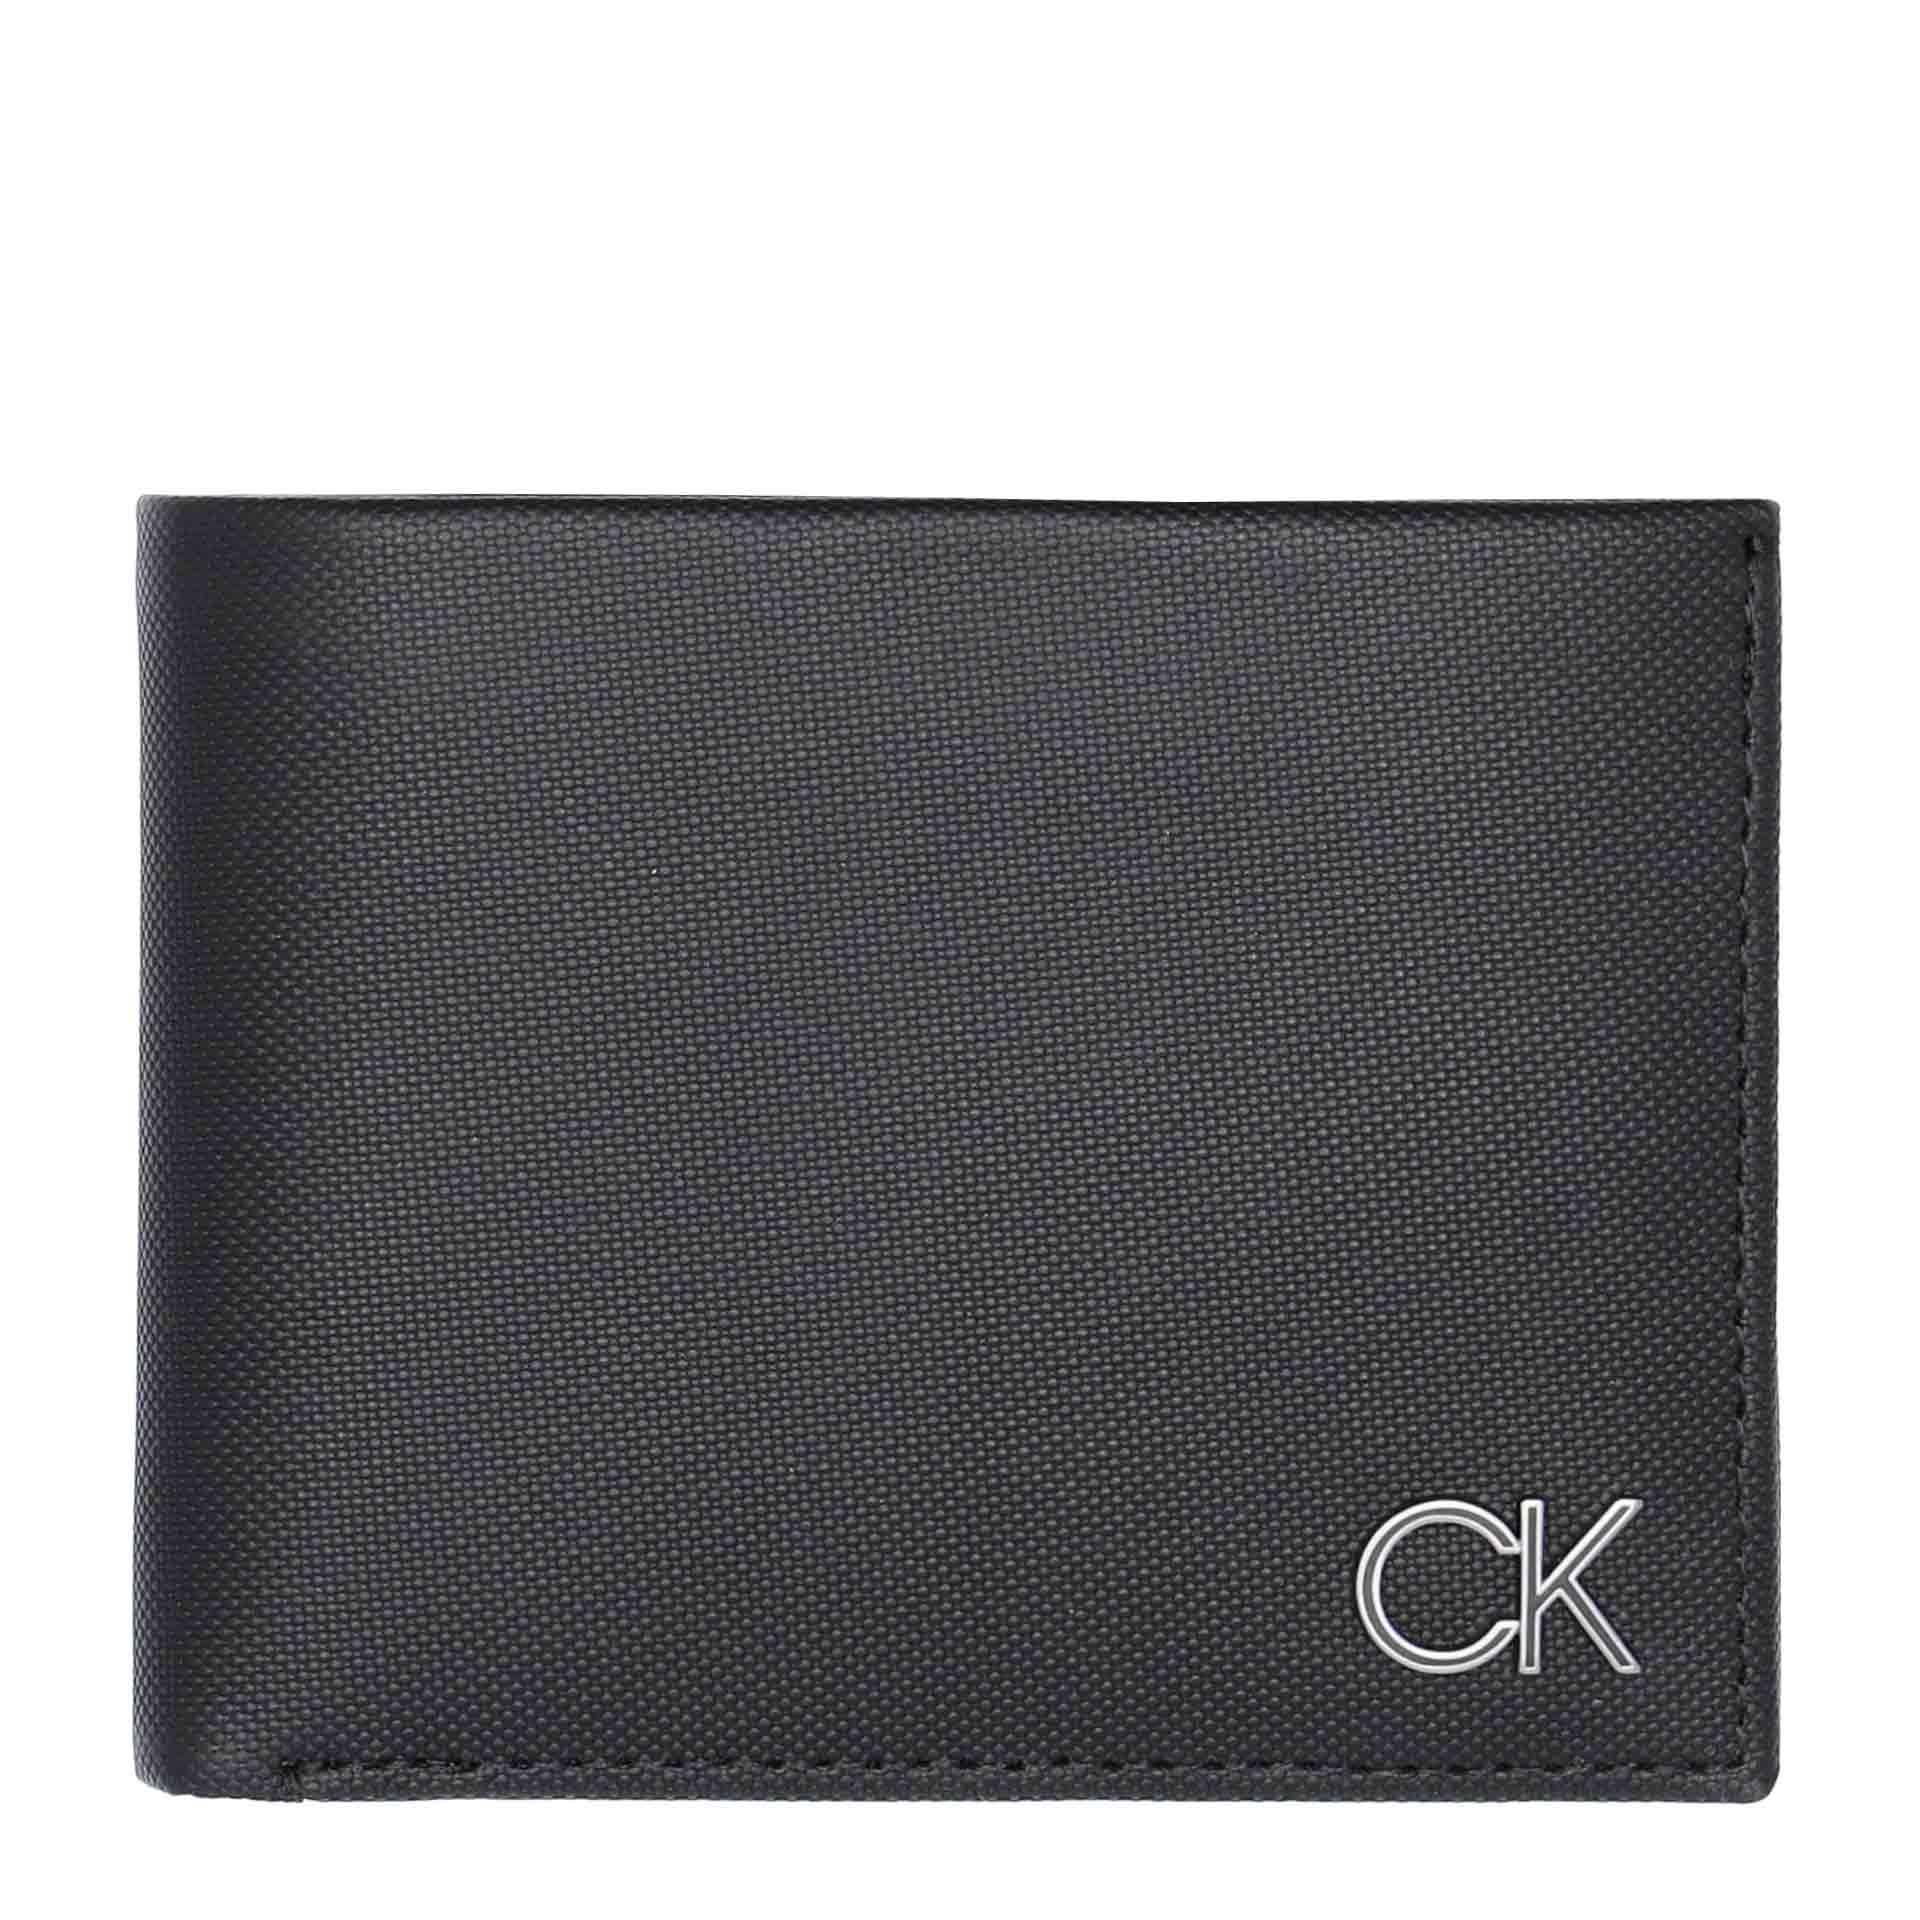 Calvin Klein  Bifold 5CC W/Coin Herrengeldbörse black